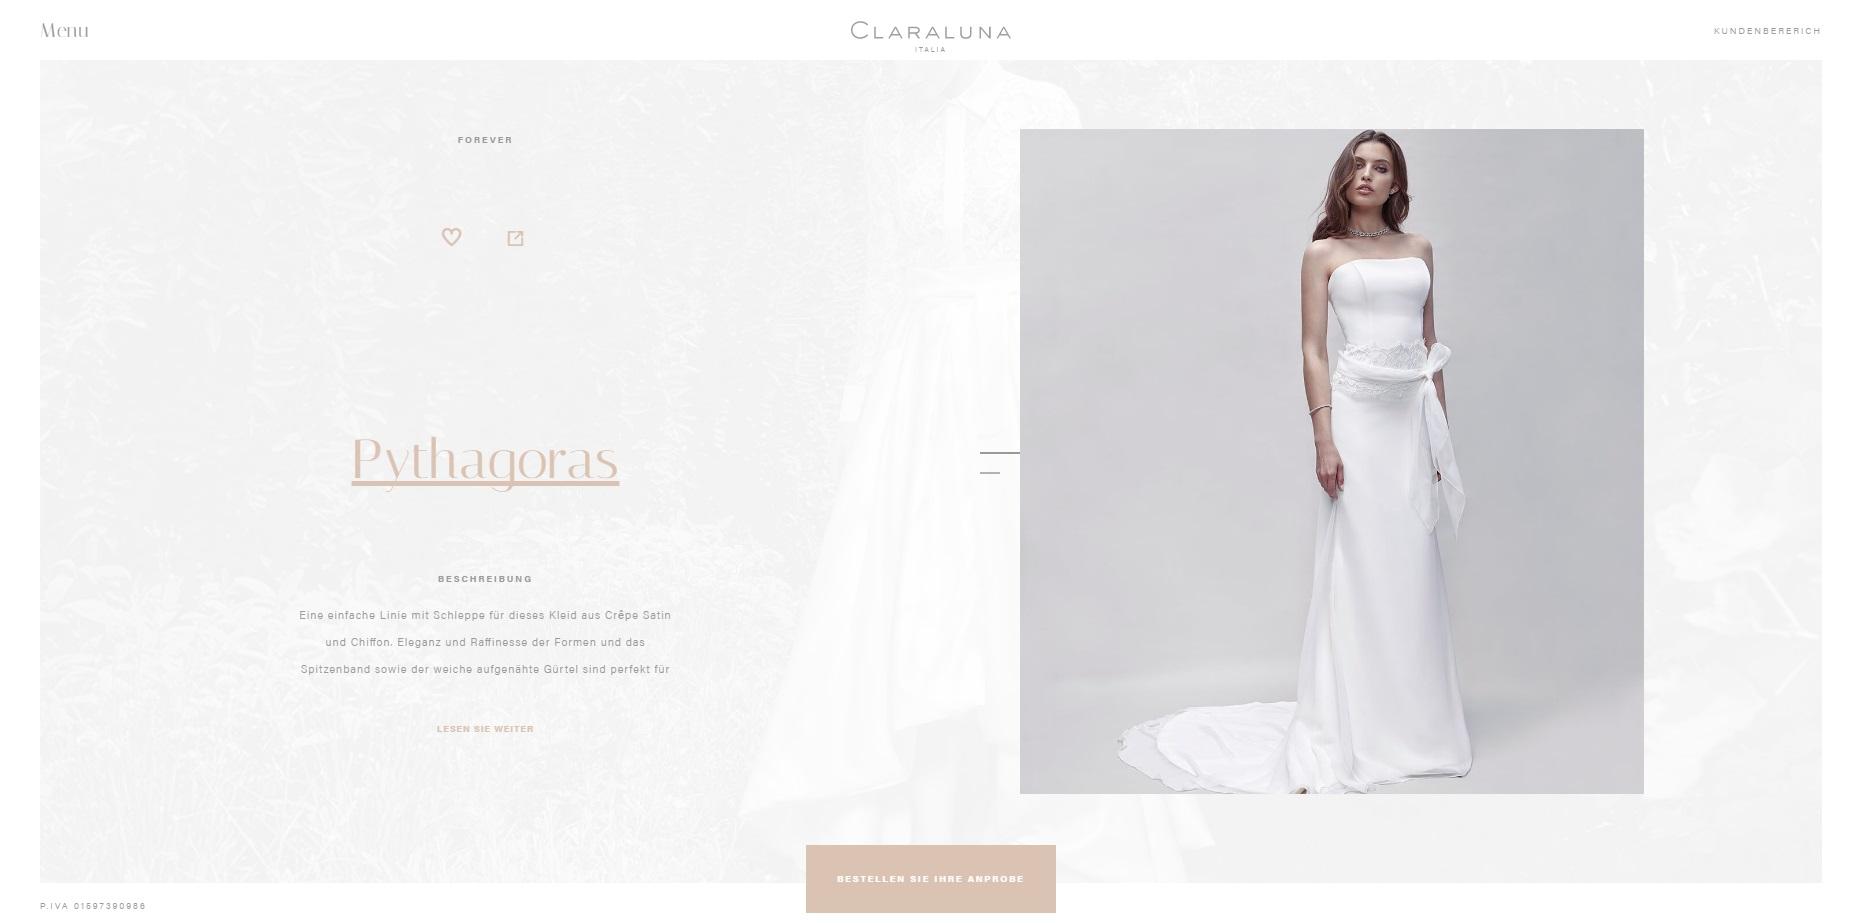 caraluna – najpiękniejsze strony firmowe